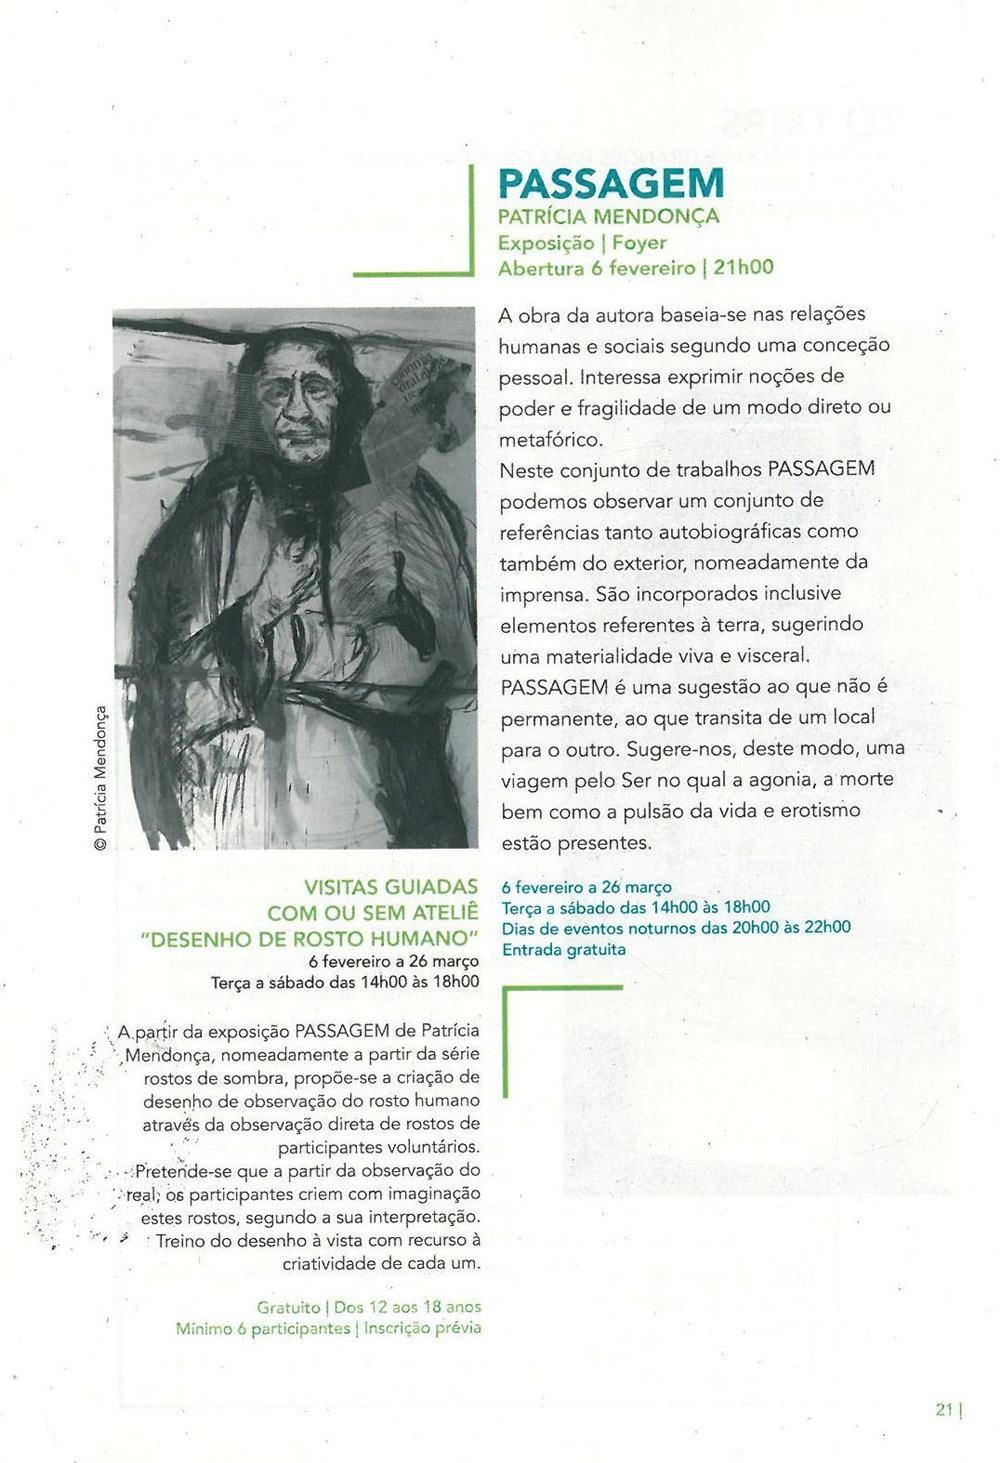 ACMSV-jan.,fev.,mar.'16-p.21-Passagem : Patrícia Mendonça : Desenho de Rosto Humano : visitas guiadas com ou sem ateliê.jpg